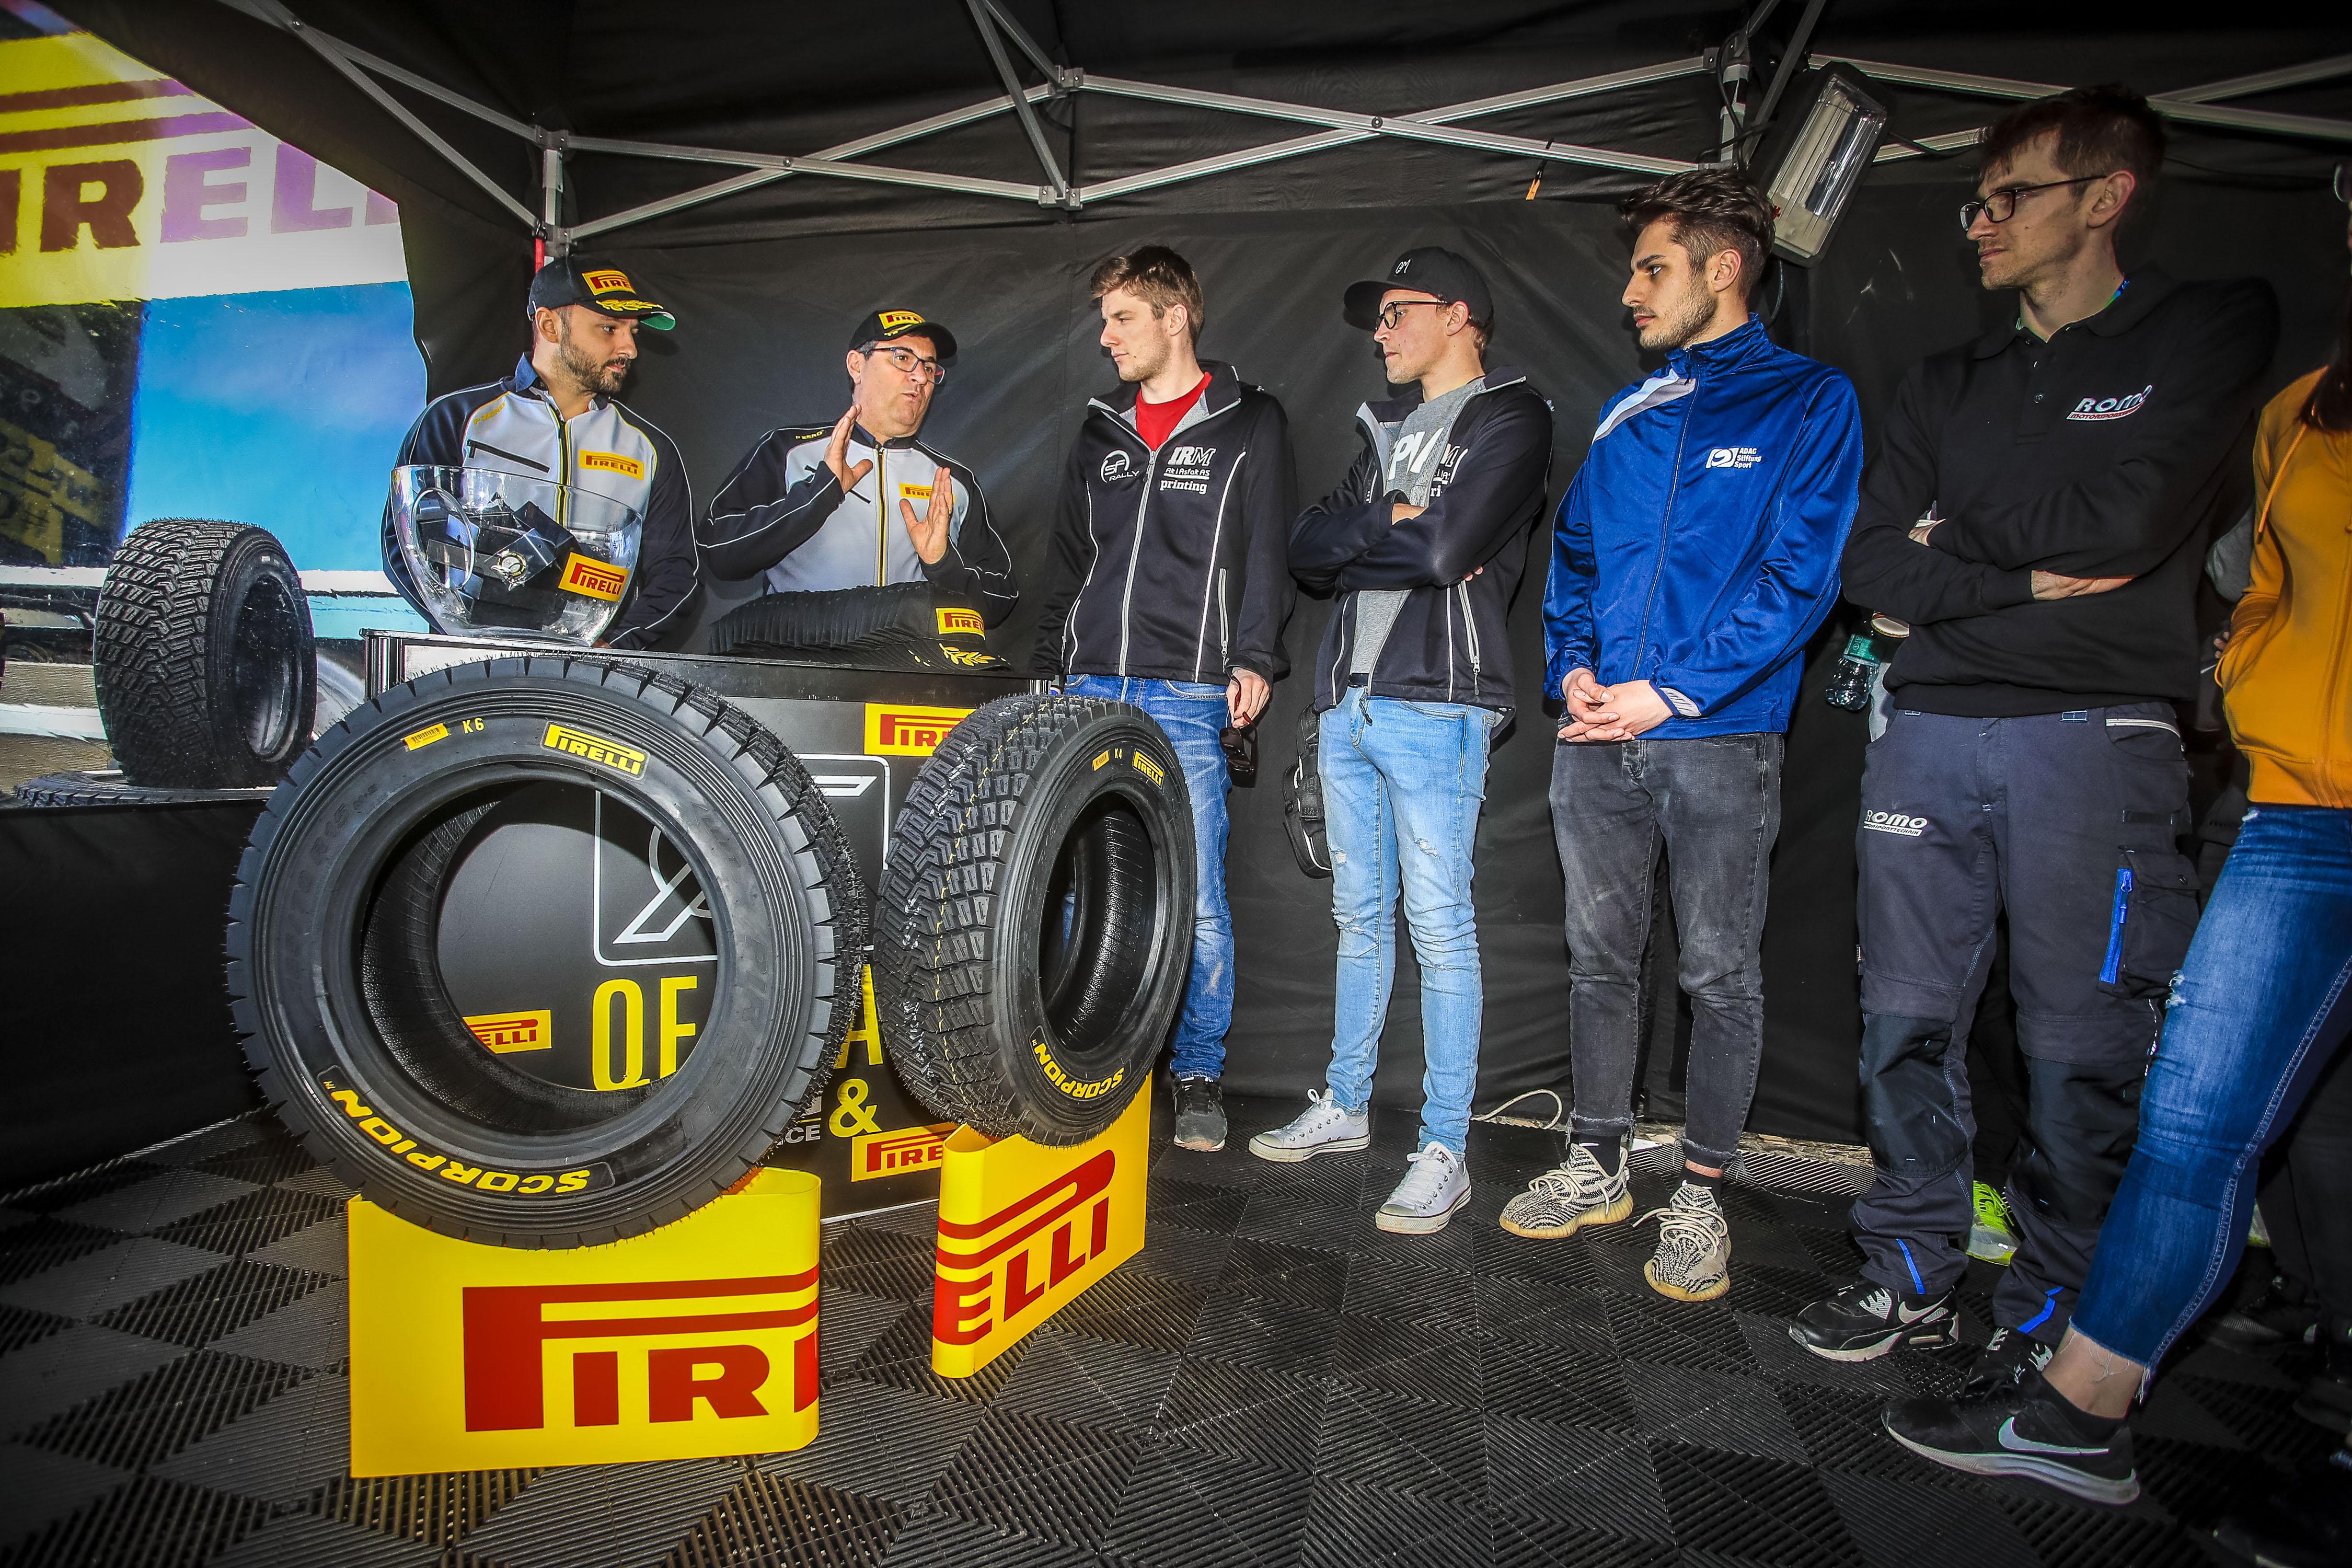 Les pilotes ERC3 Junior vont compter sur les pneus Pirelli pour les trois prochaines saisons